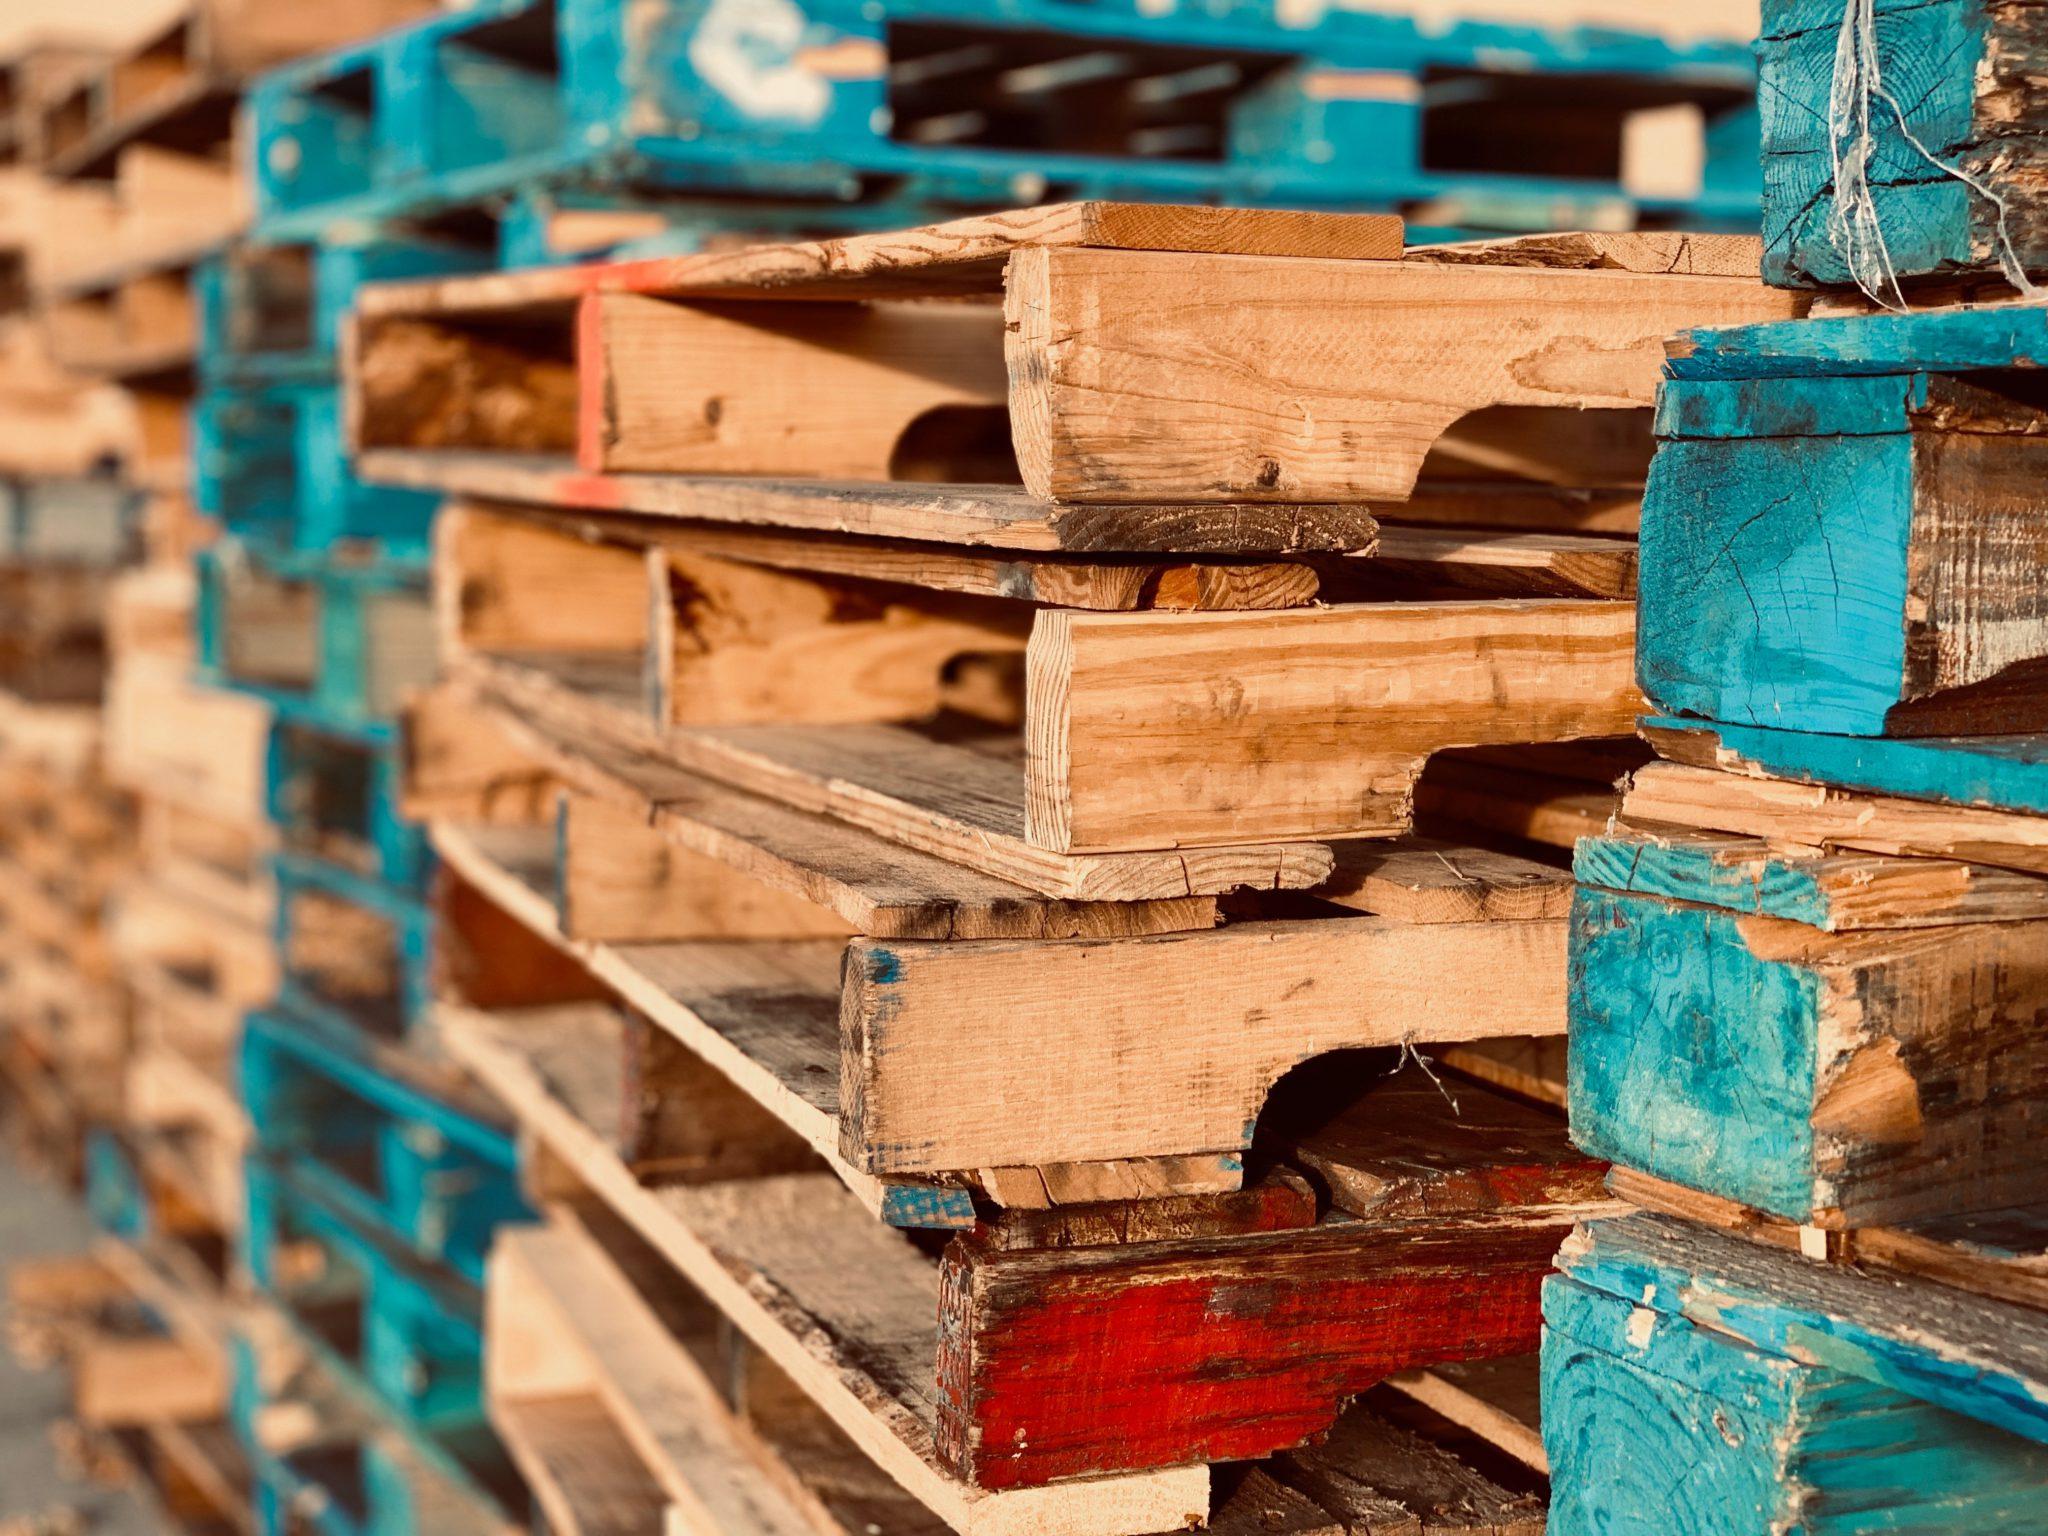 Comment réutiliser les palettes en bois ?